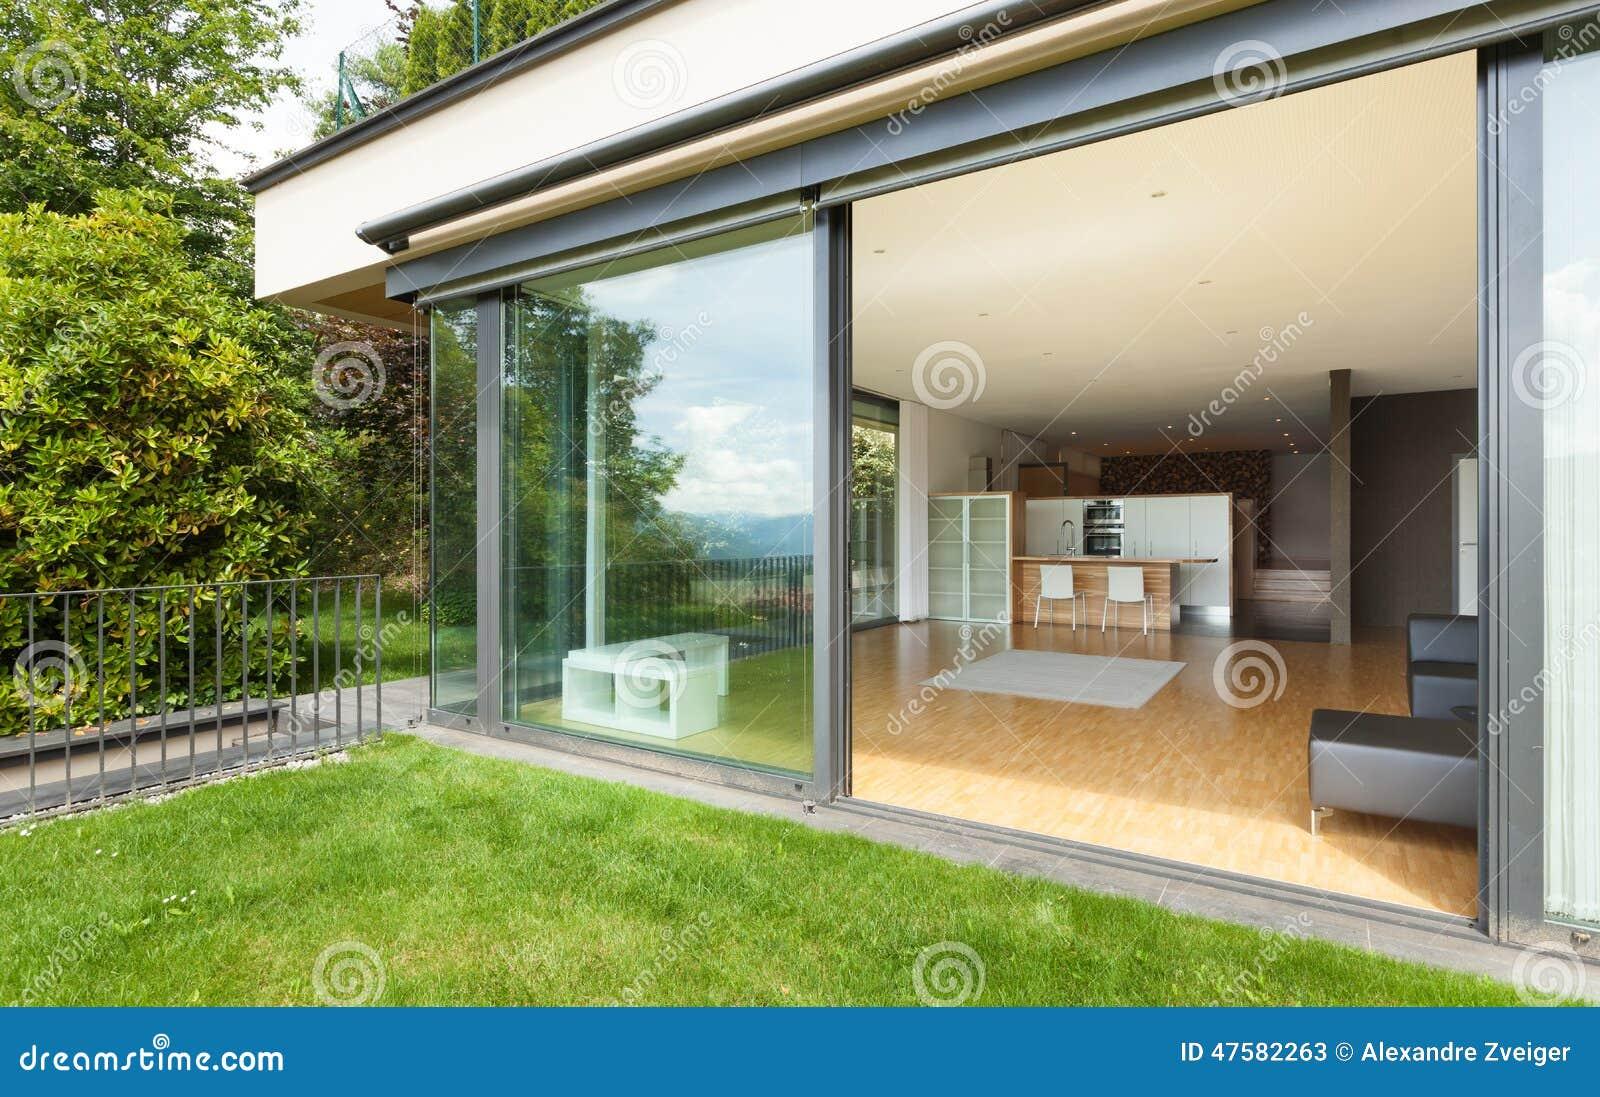 Al aire libre de una casa moderna jard n imagen de for Casa moderna jardines